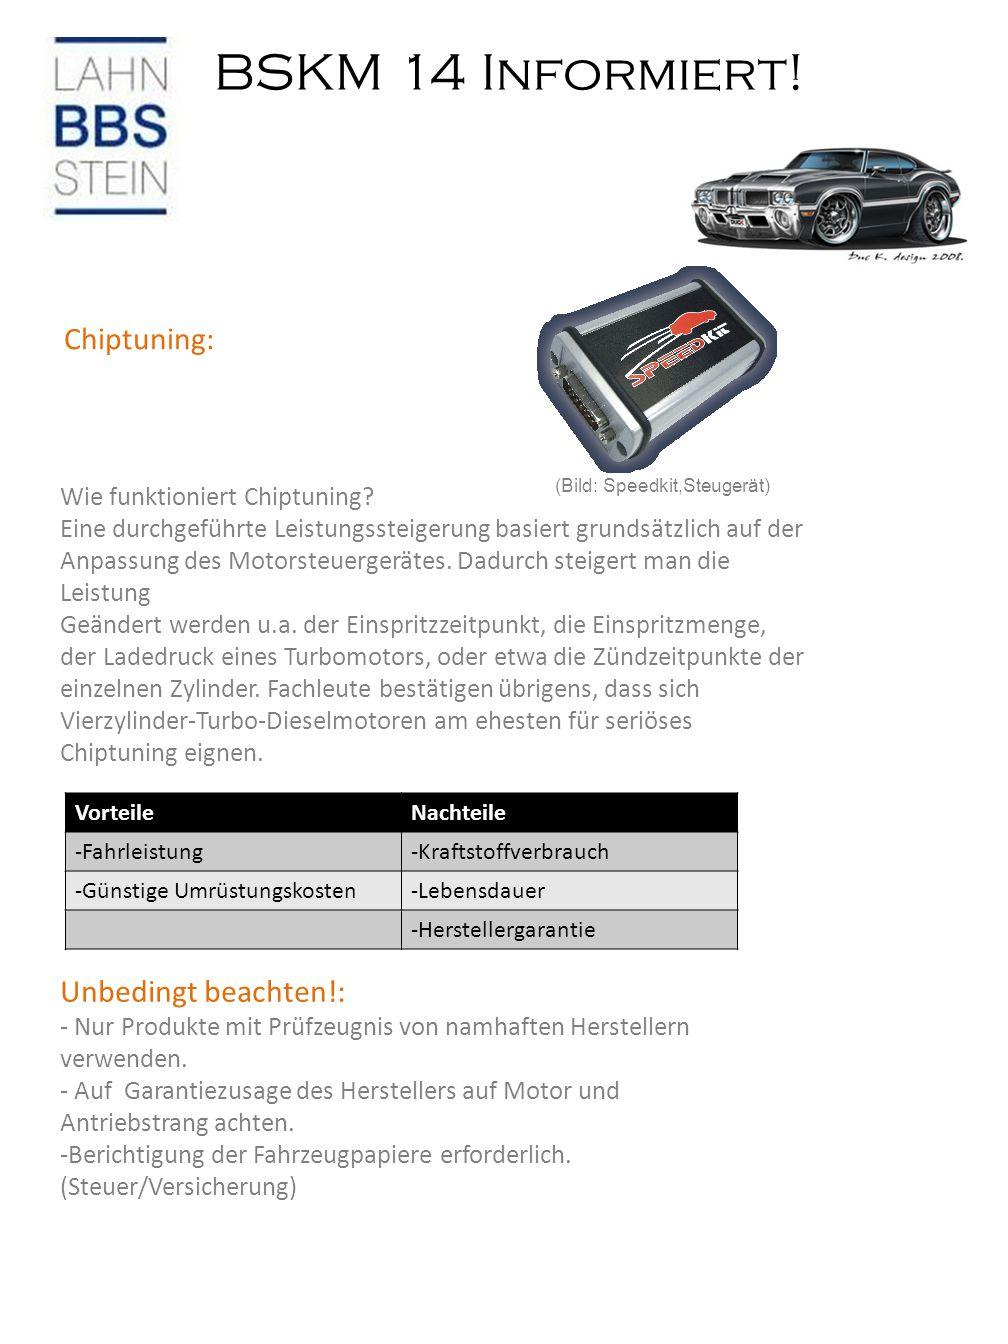 BSKM 14 Informiert! Chiptuning: VorteileNachteile -Fahrleistung-Kraftstoffverbrauch -Günstige Umrüstungskosten-Lebensdauer -Herstellergarantie Unbedin